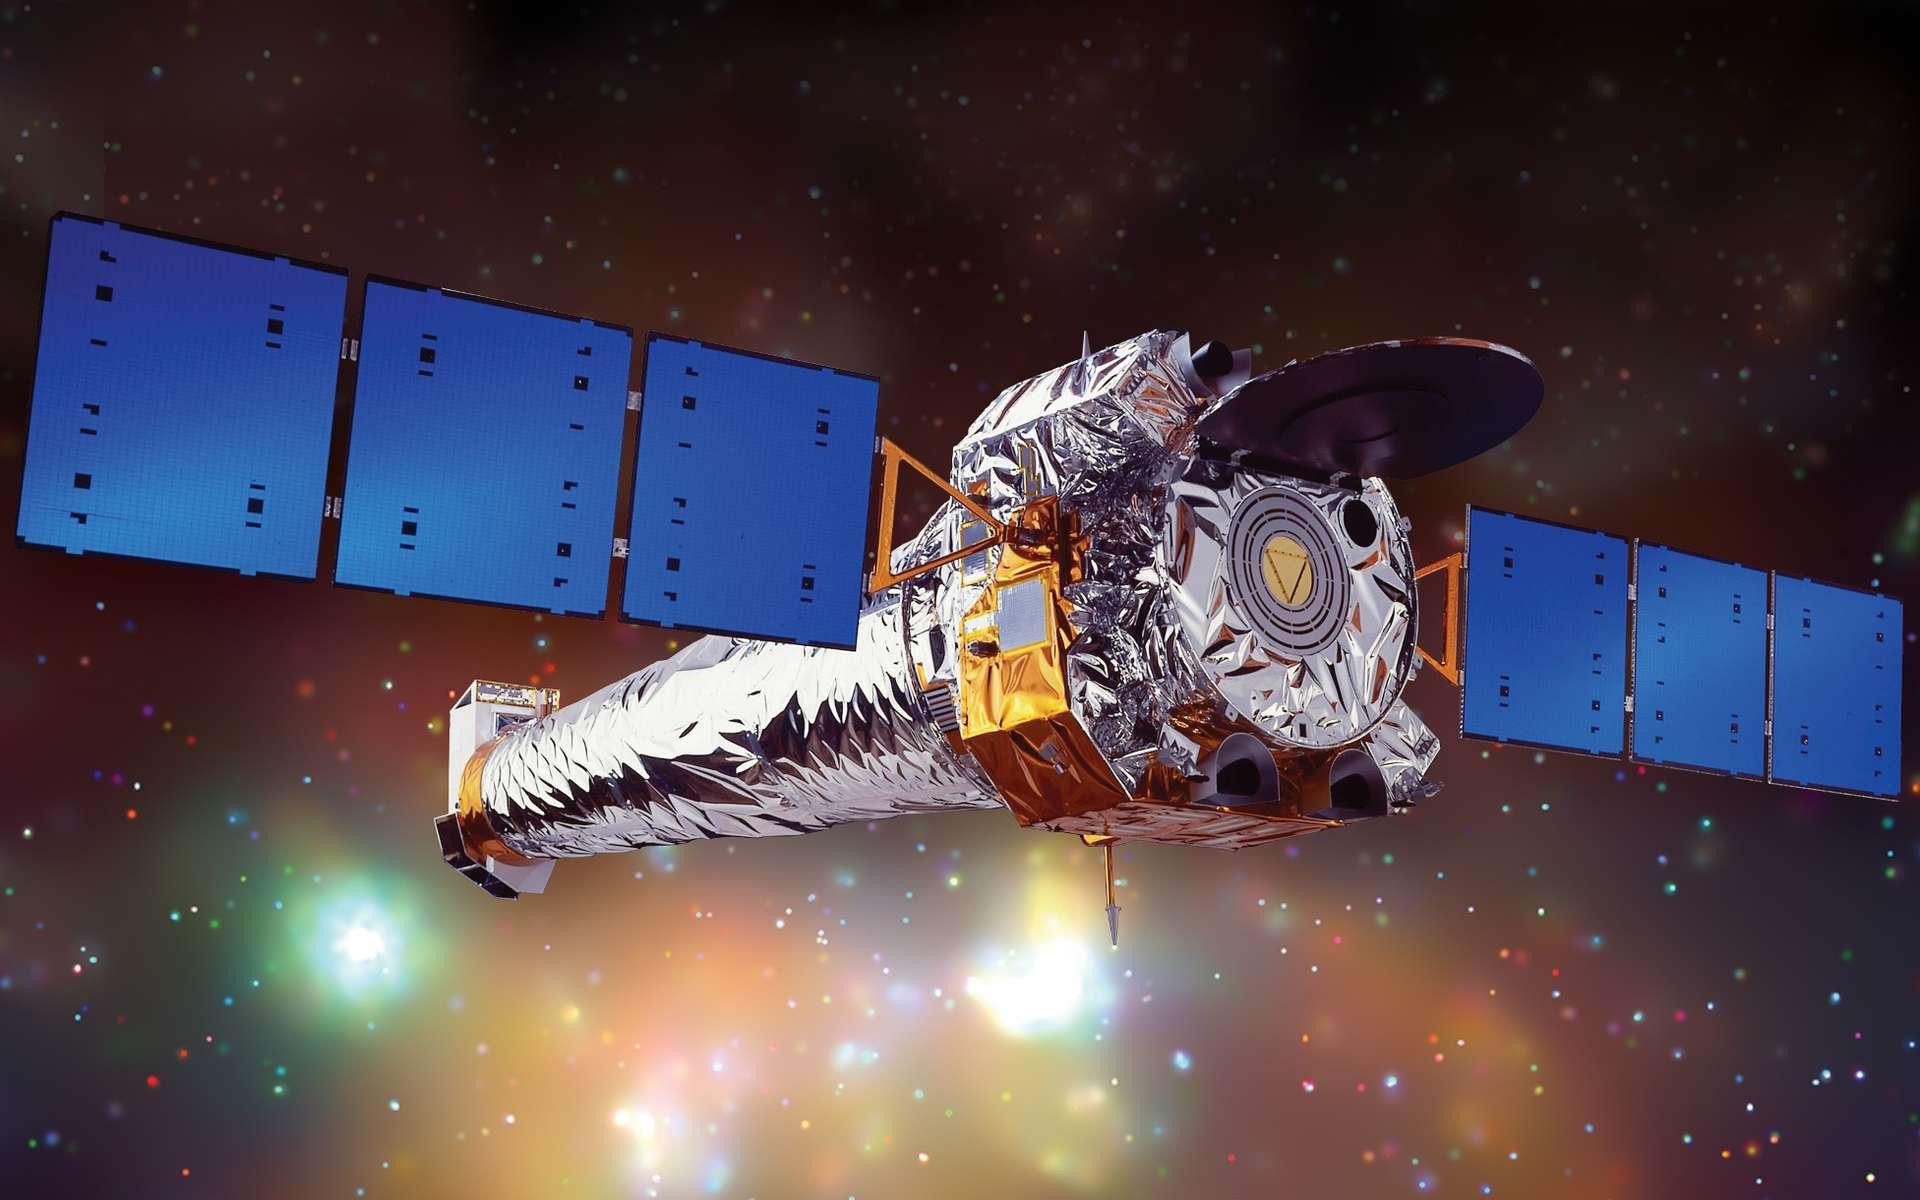 Des exoplanètes découvertes pour la première fois dans une autre galaxie